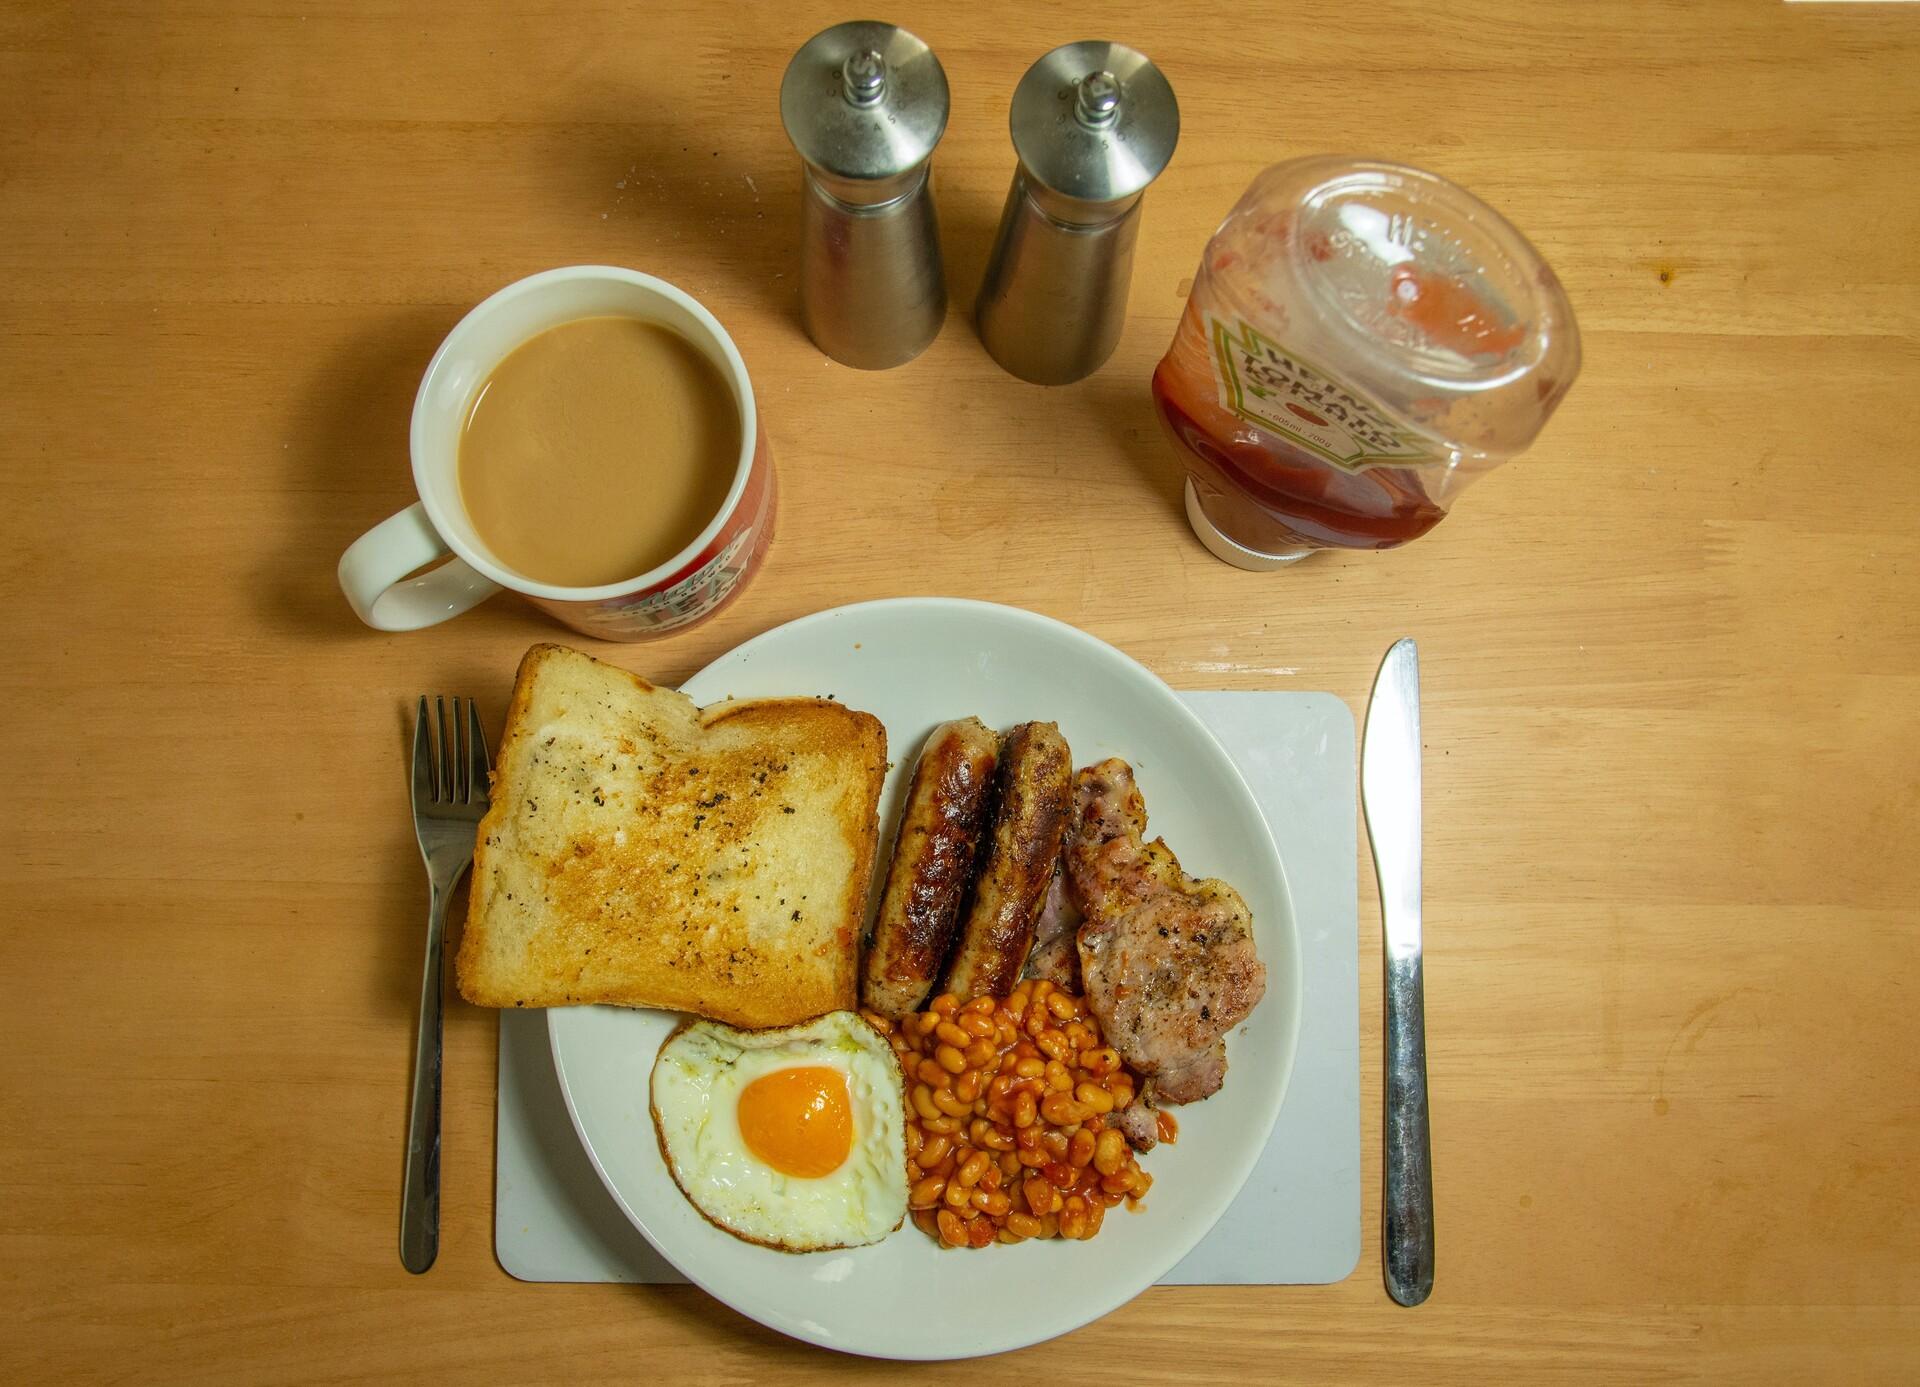 Dónde comer en Londres - La cocina británica y restaurantes